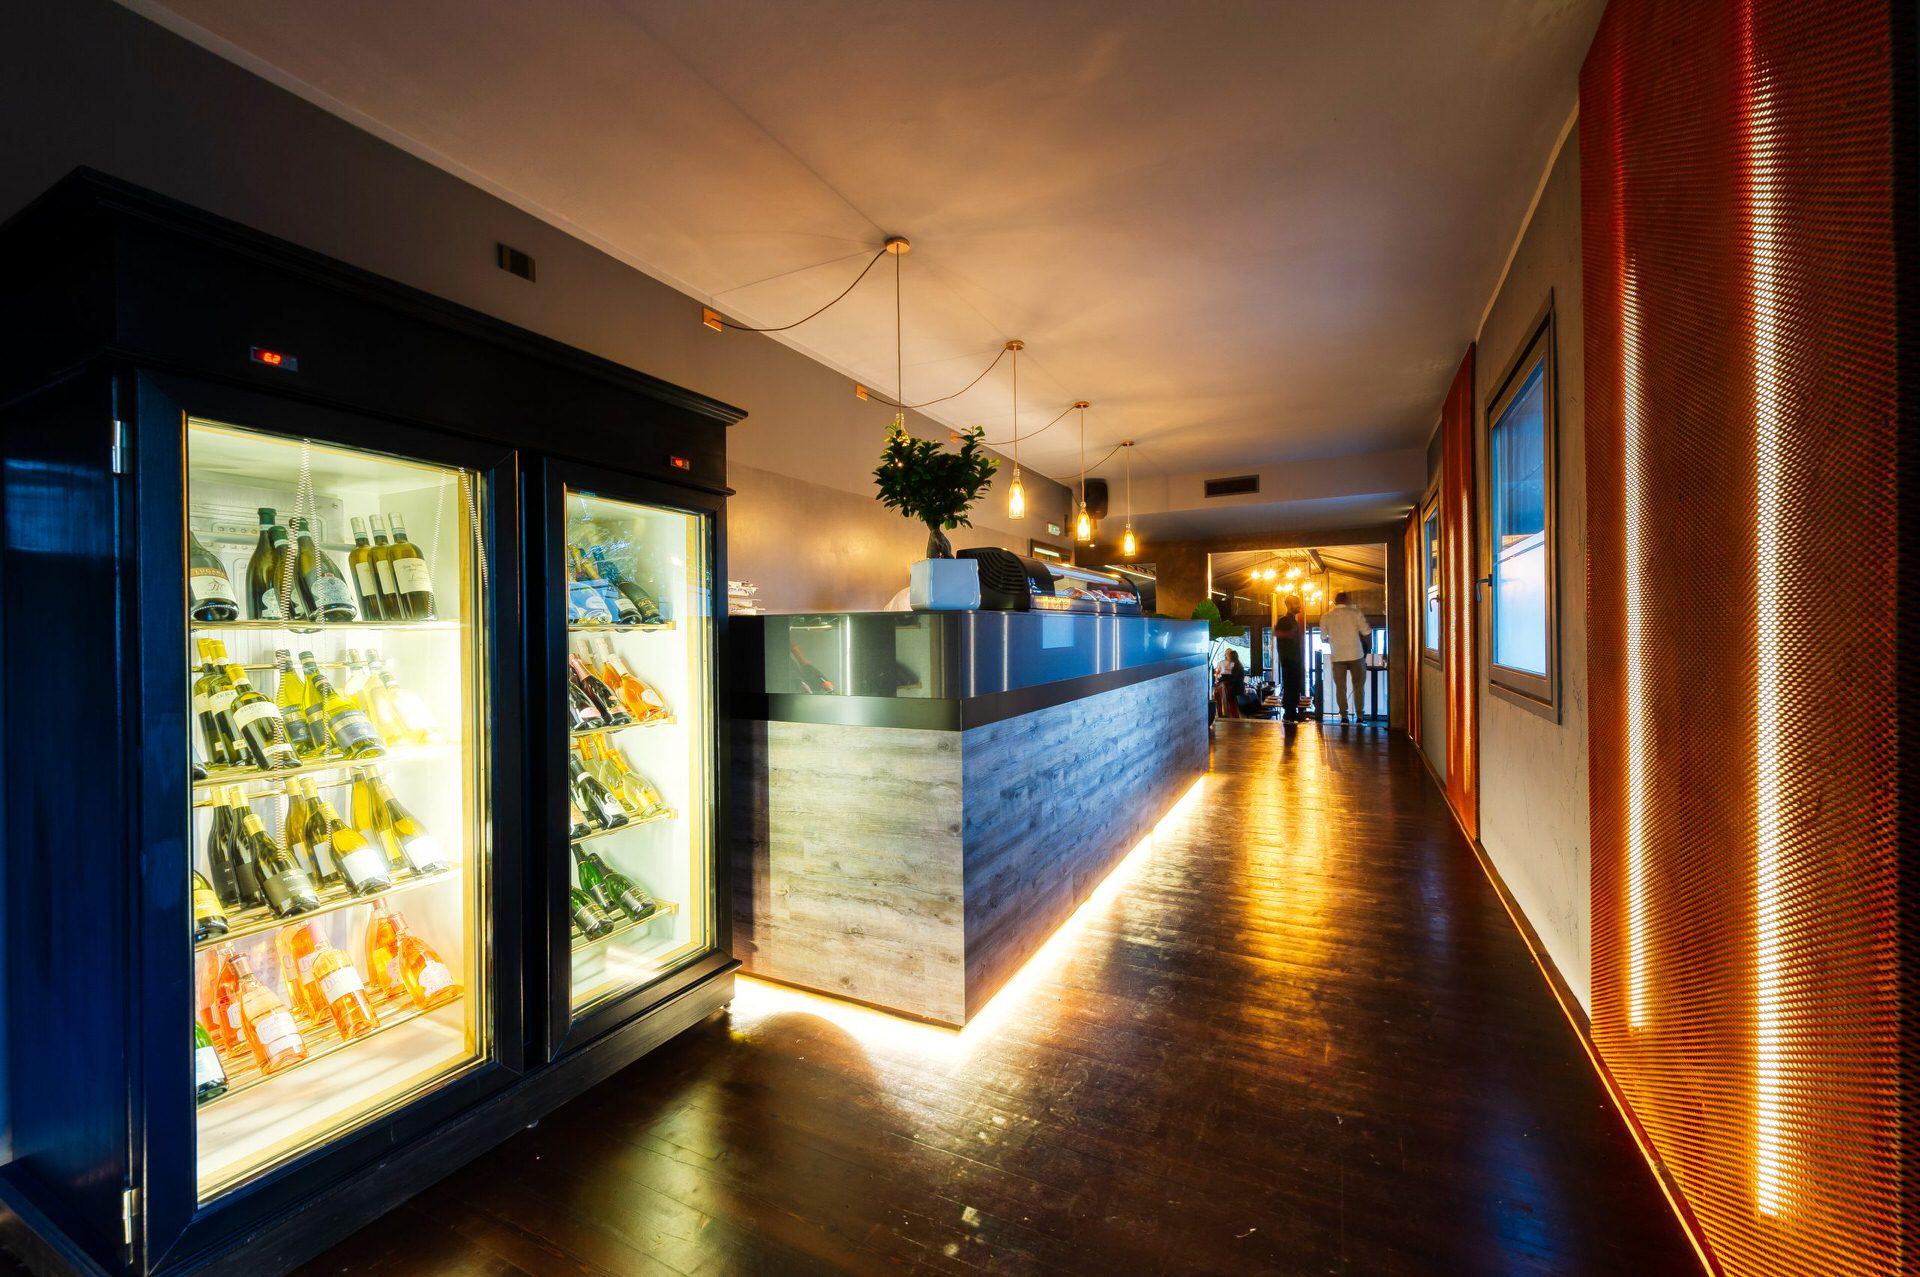 immagini professionali entrata ristorante brescia